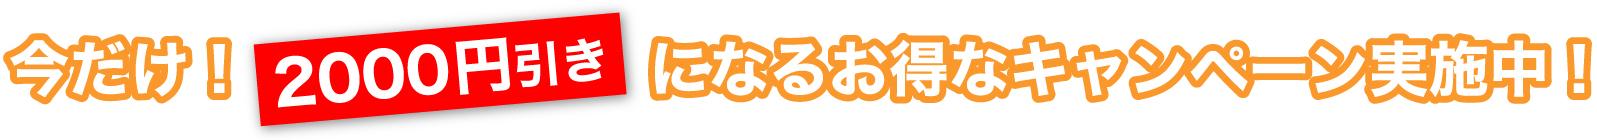 今だけ!2000円引きになるお得なキャンペーン実施中!